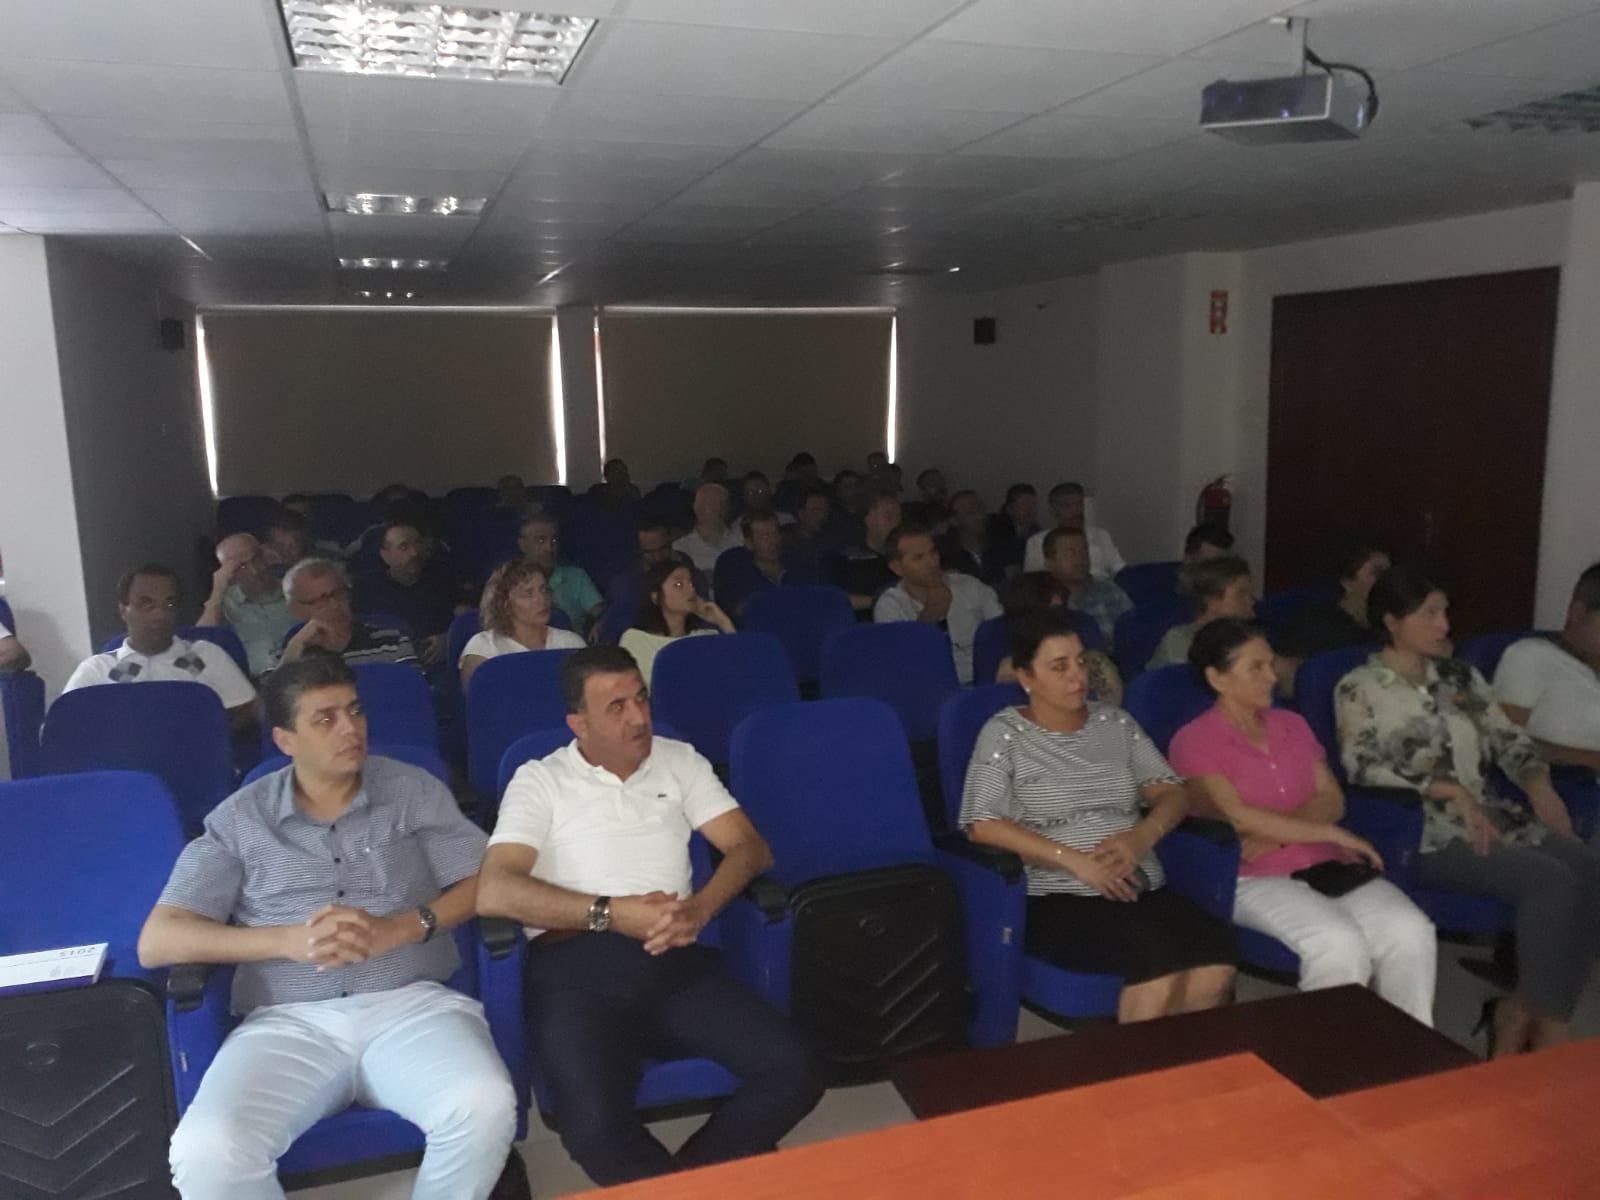 İl Müdürlüğümüz Konferans Salonunda Sıfır Atık Projesi Bilgilendirme Sunumu Gerçekleştirildi